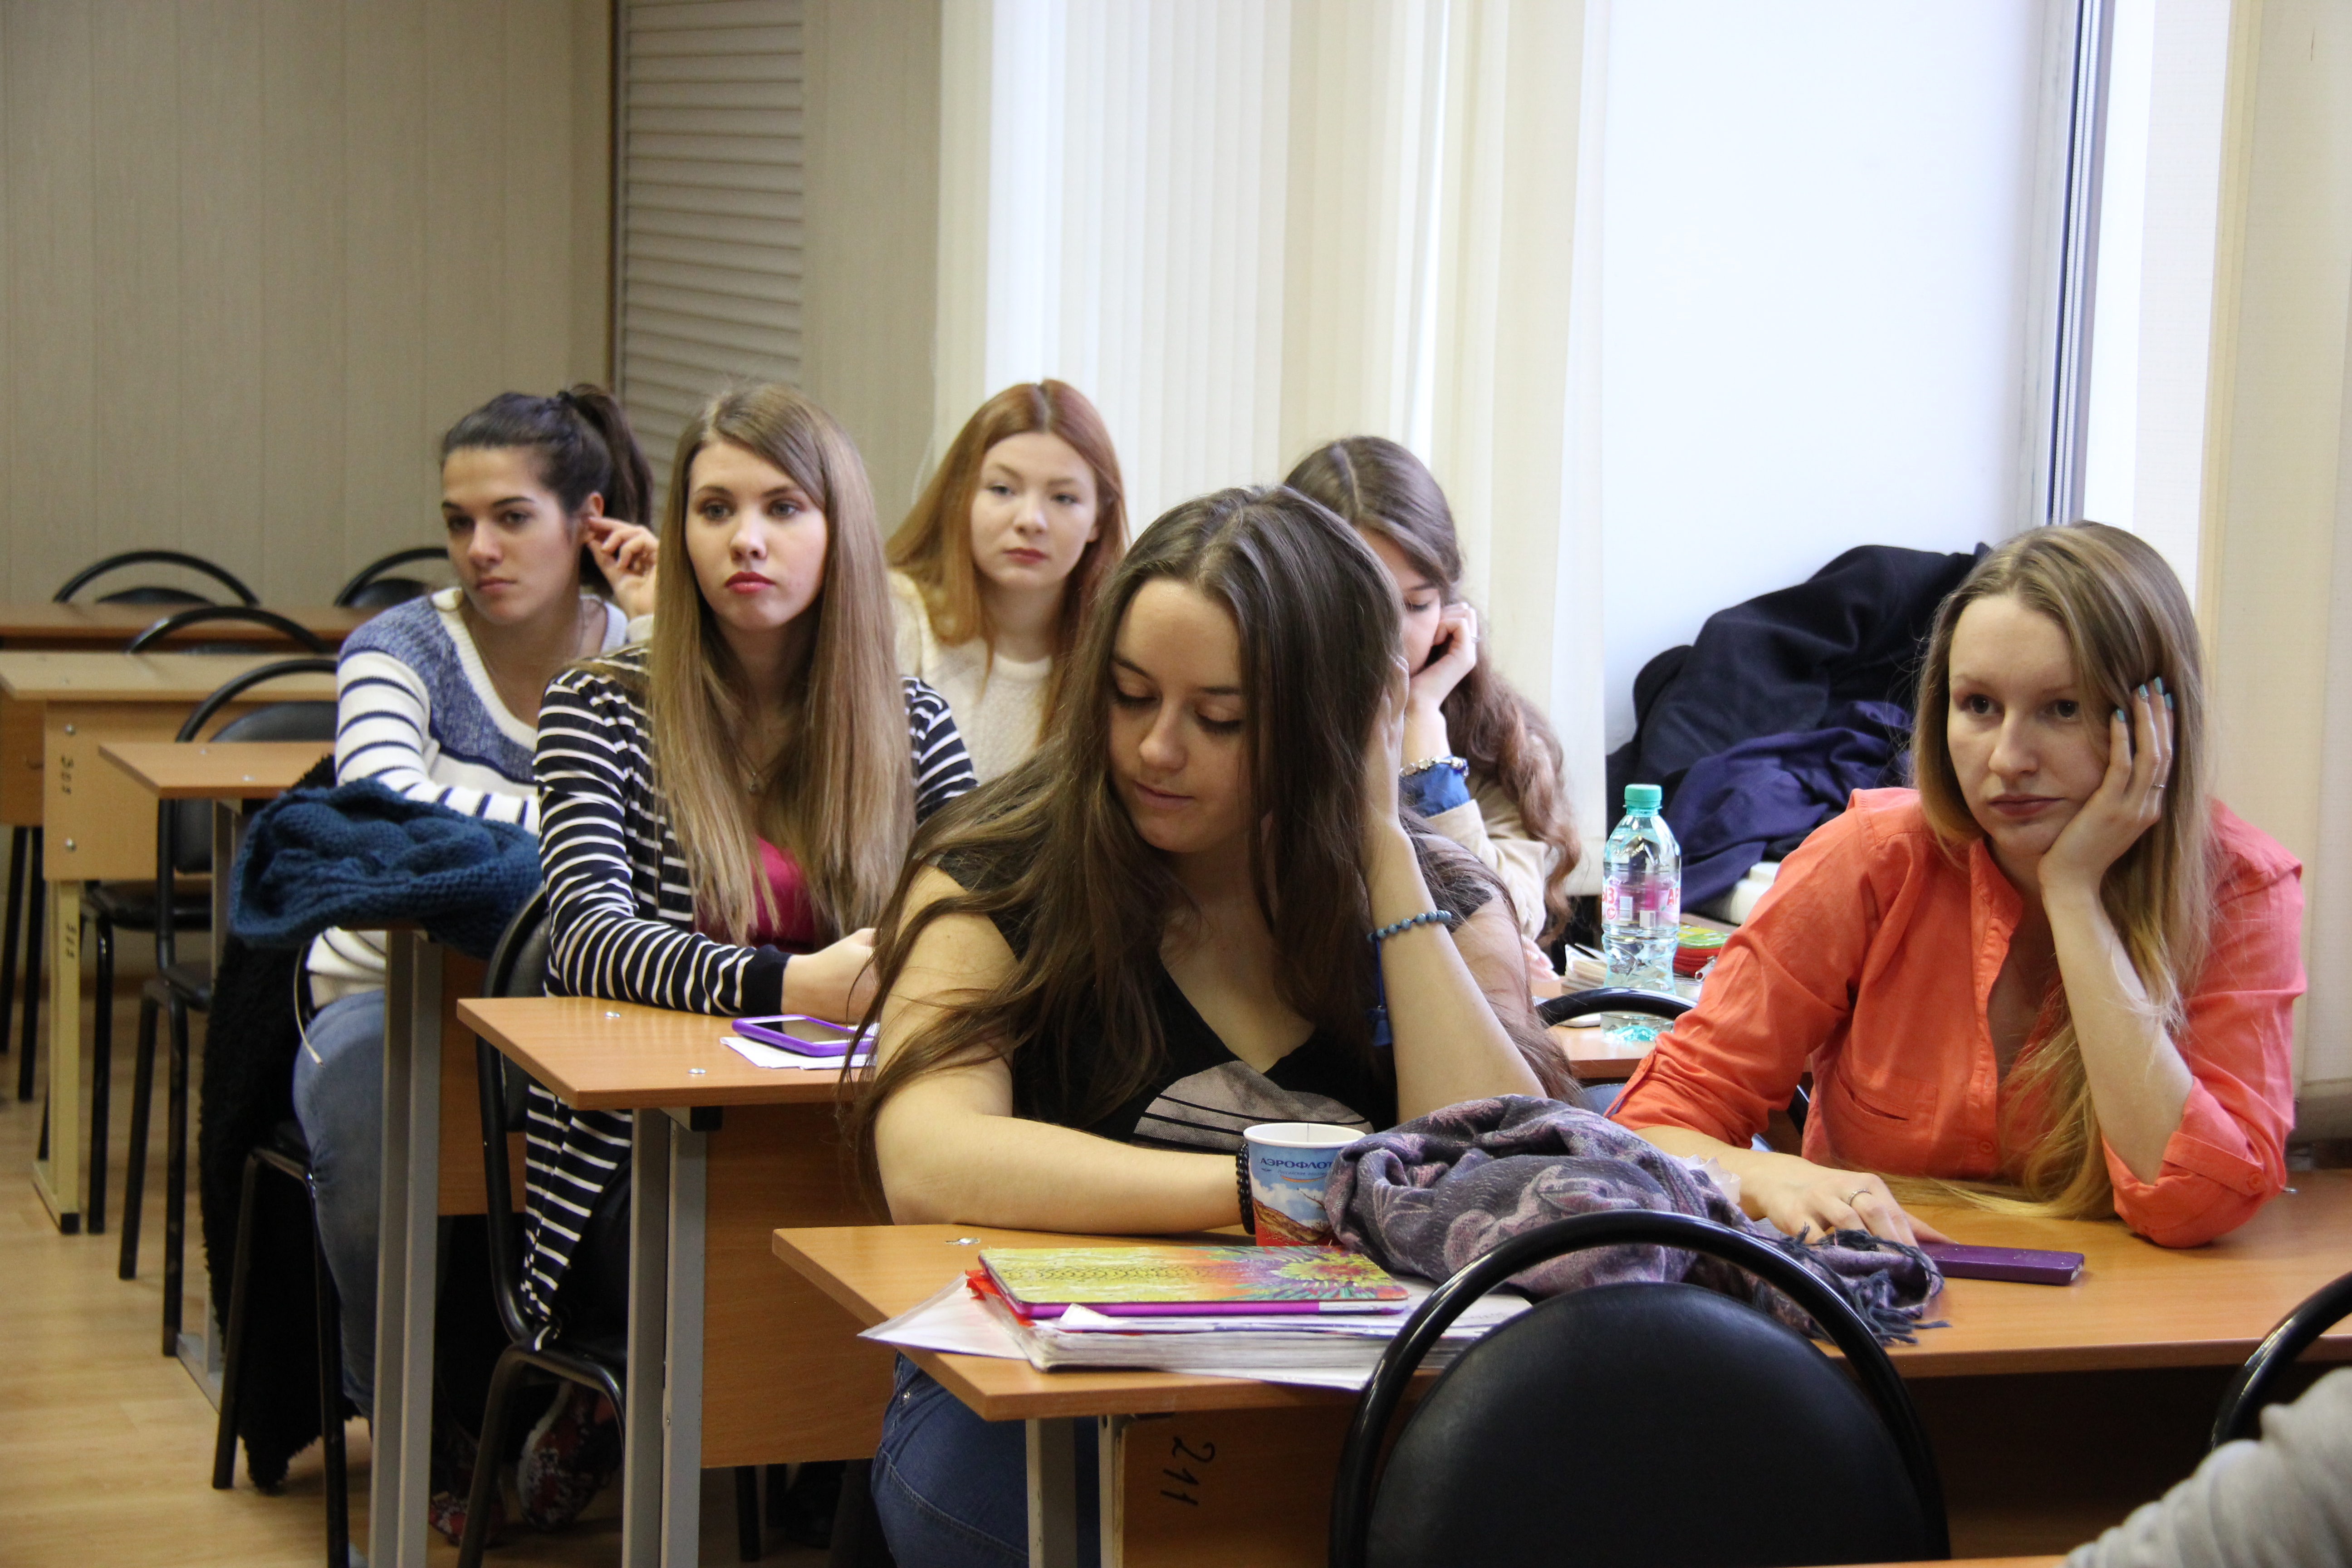 Студенты впервые сосет 17 фотография